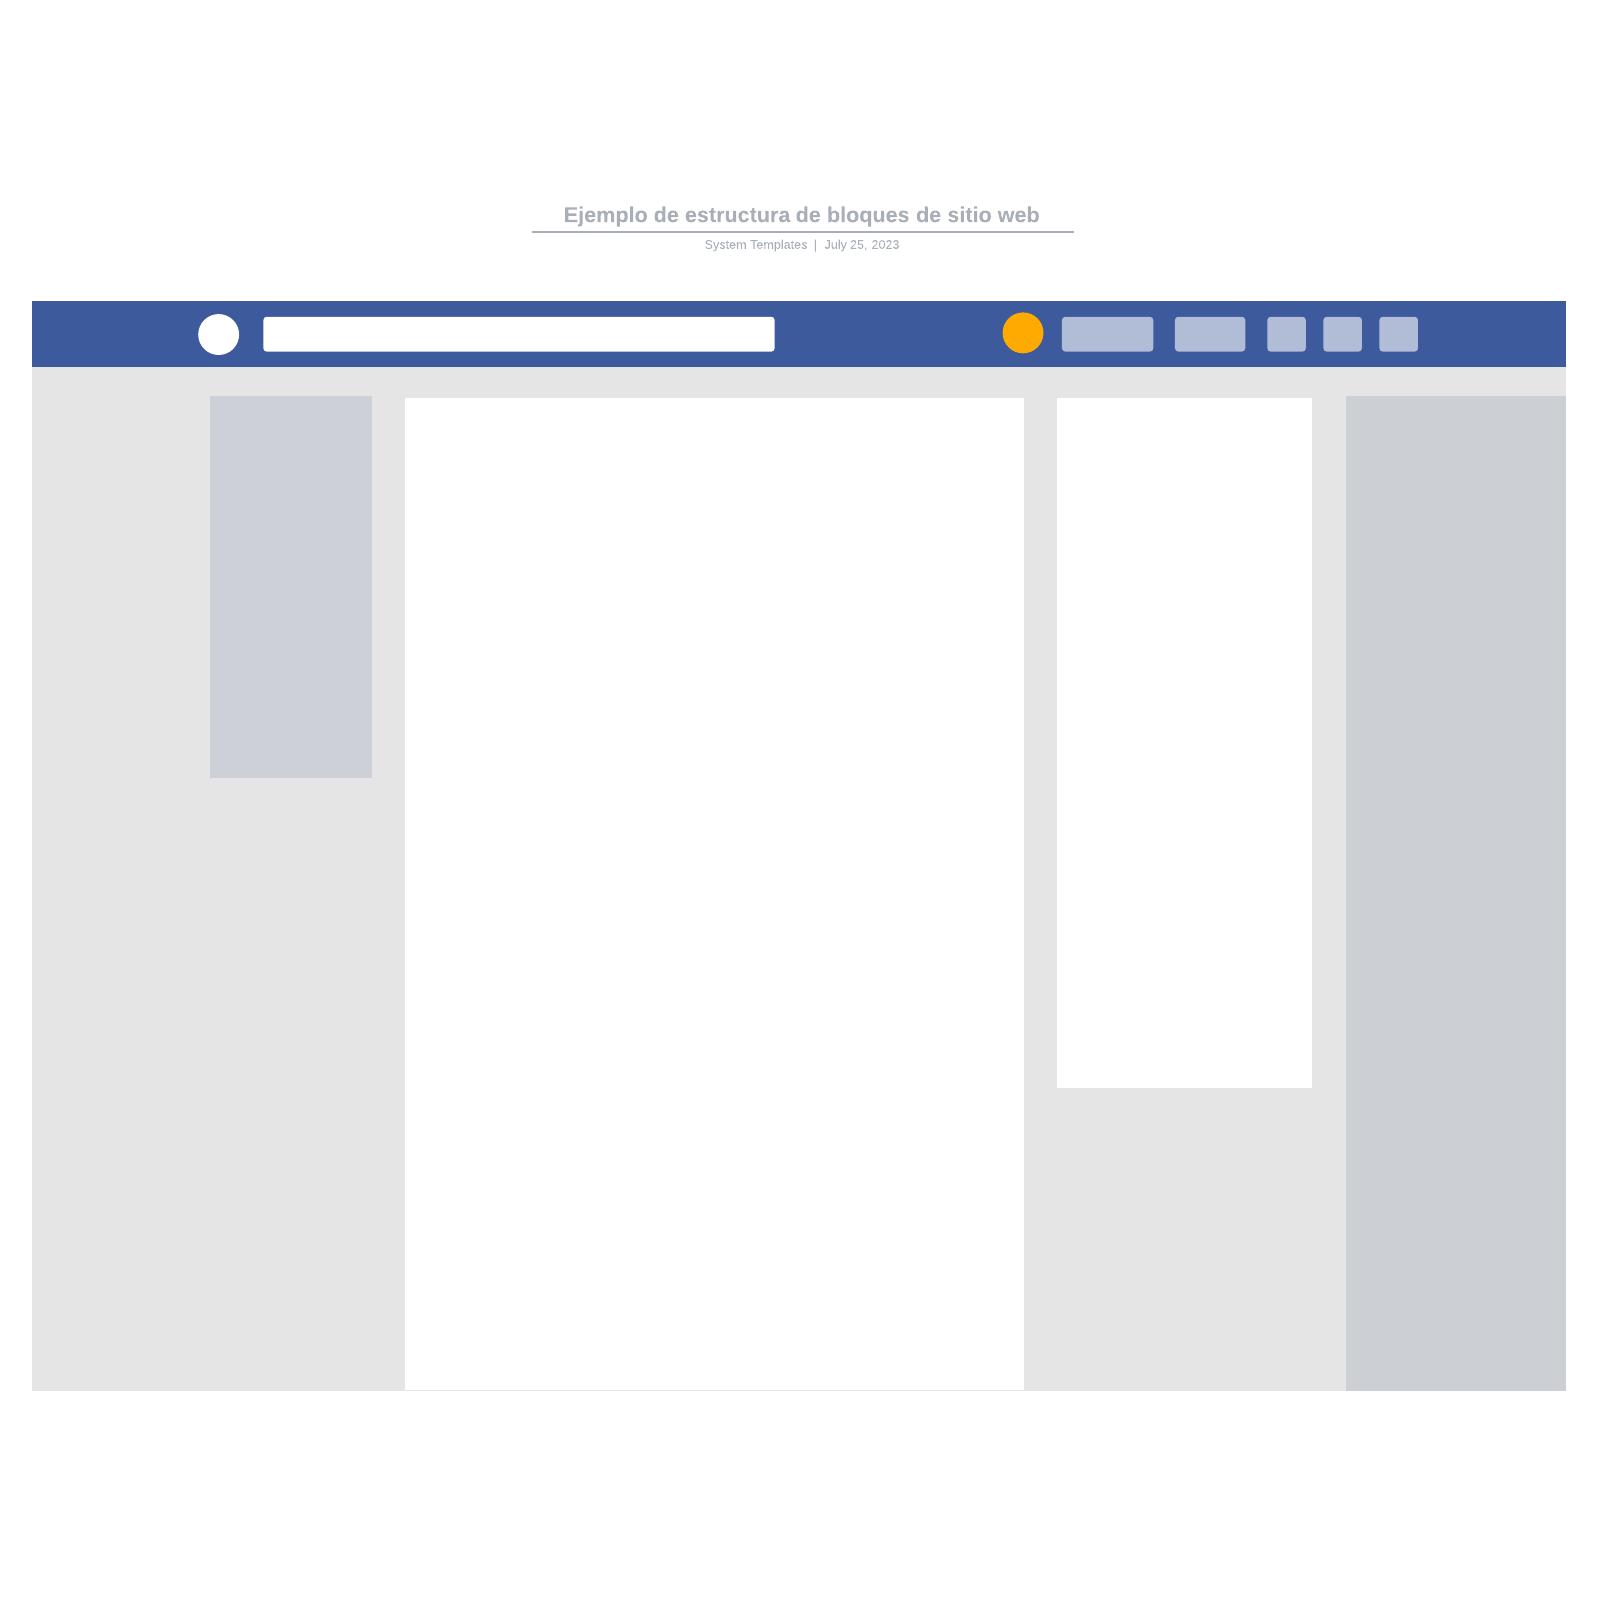 Ejemplo de estructura de bloques de sitio web